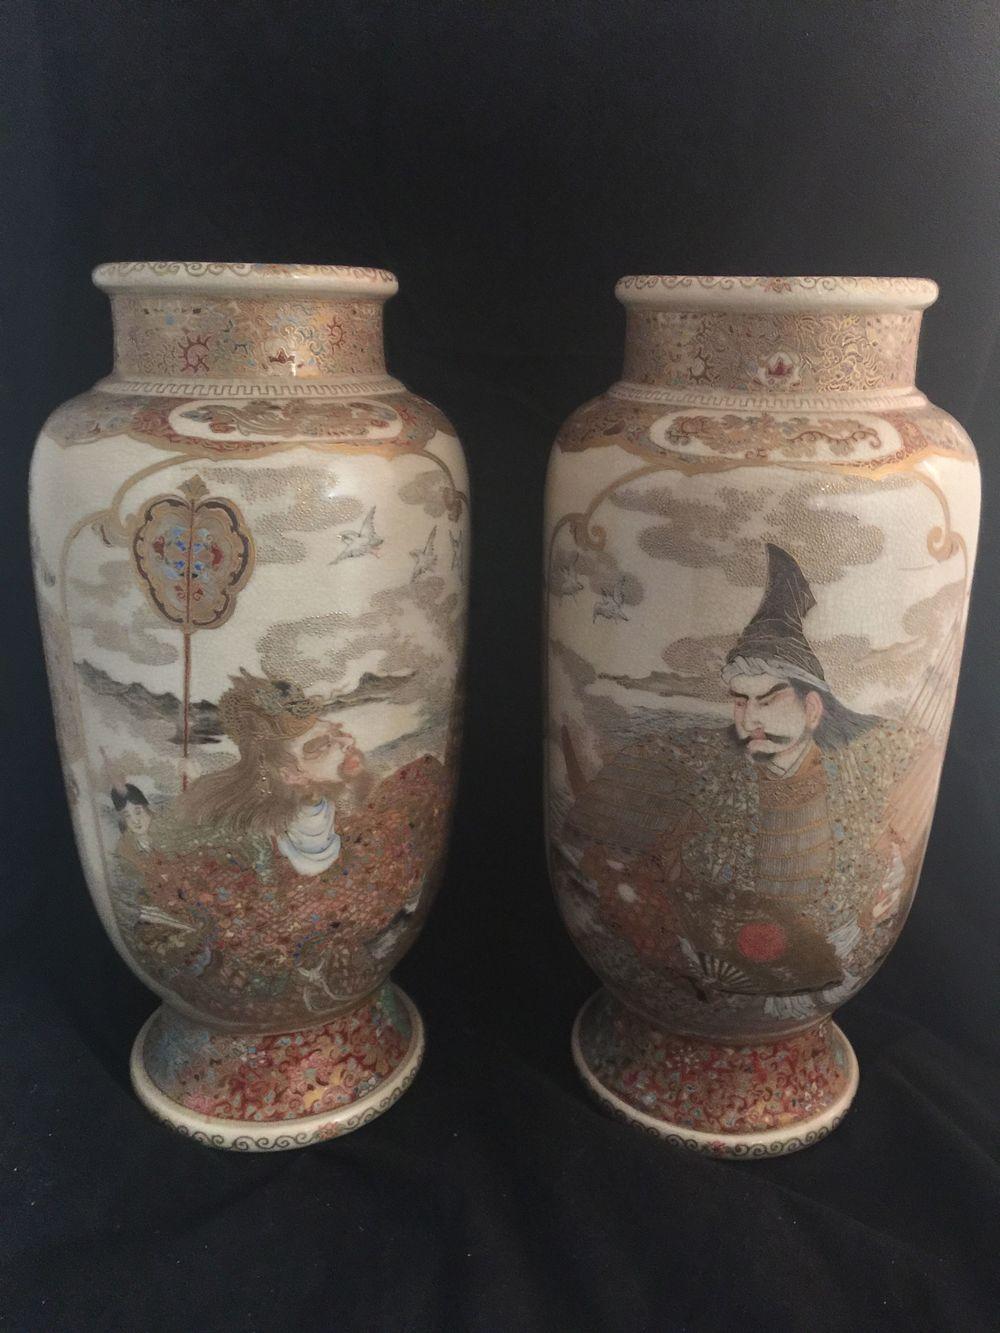 Rare antique Japanese Satsuma Vases